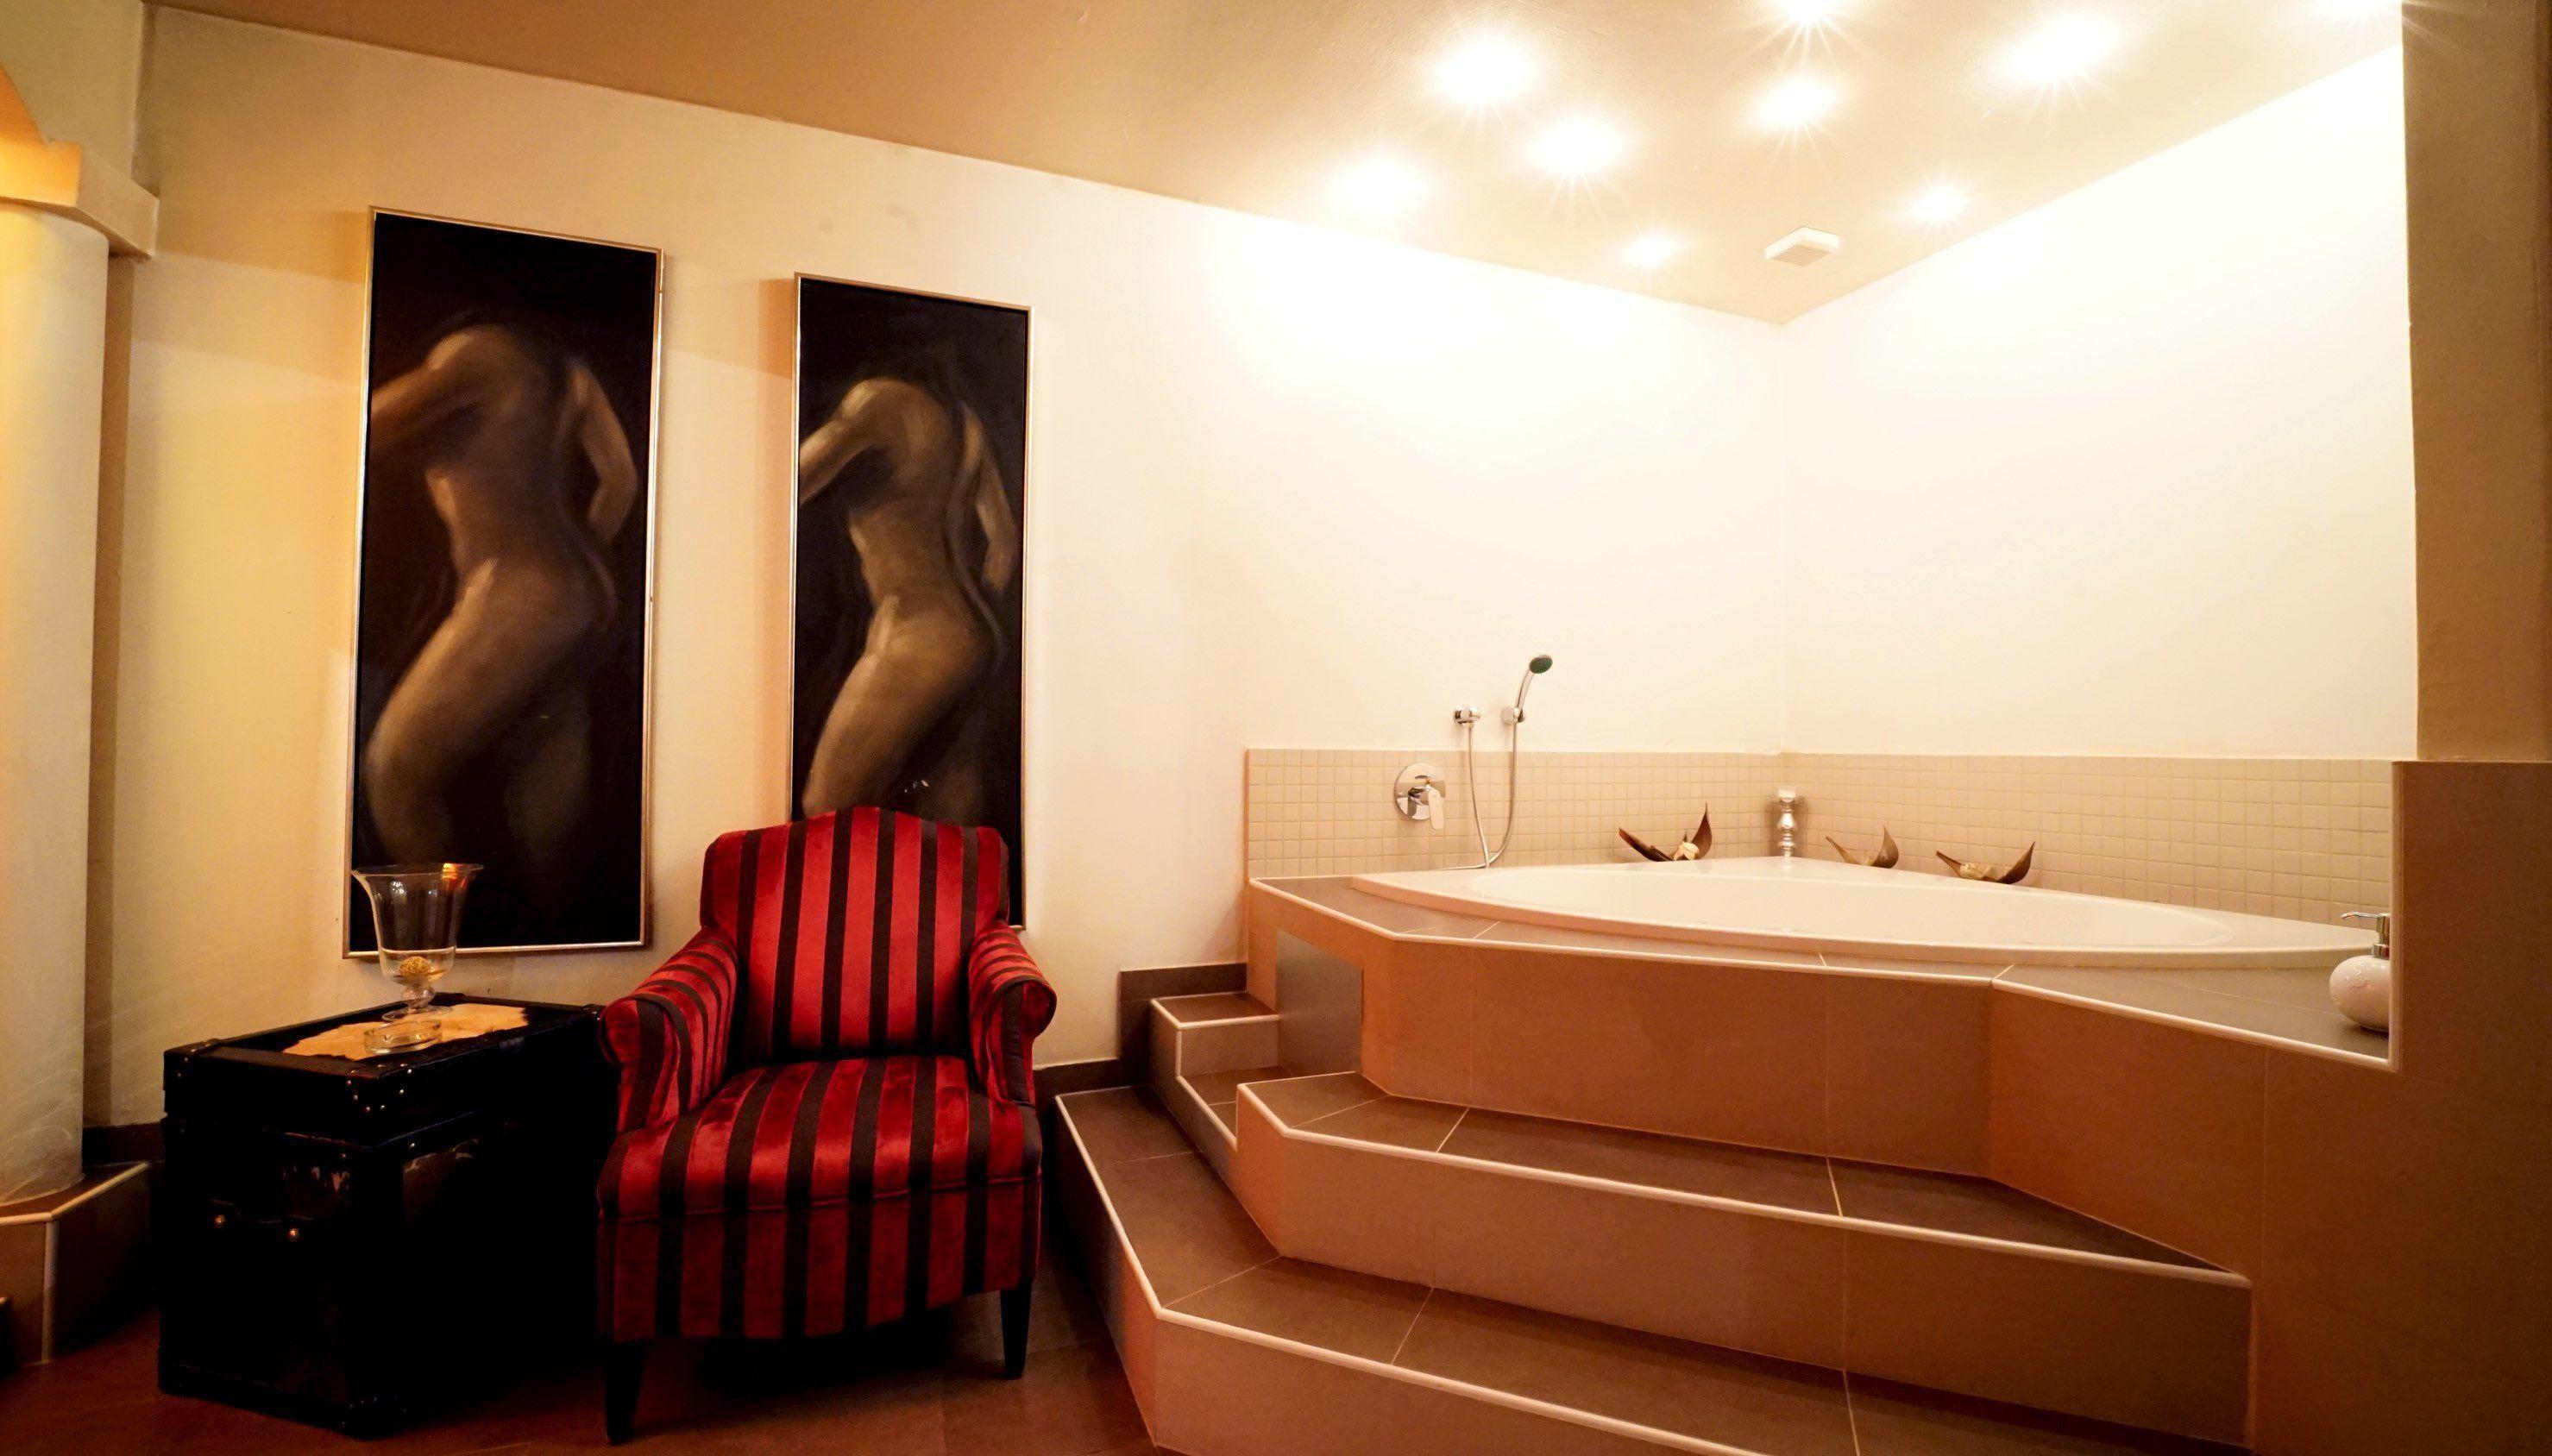 Zimmer1-Altbau-Badewanne-96340988